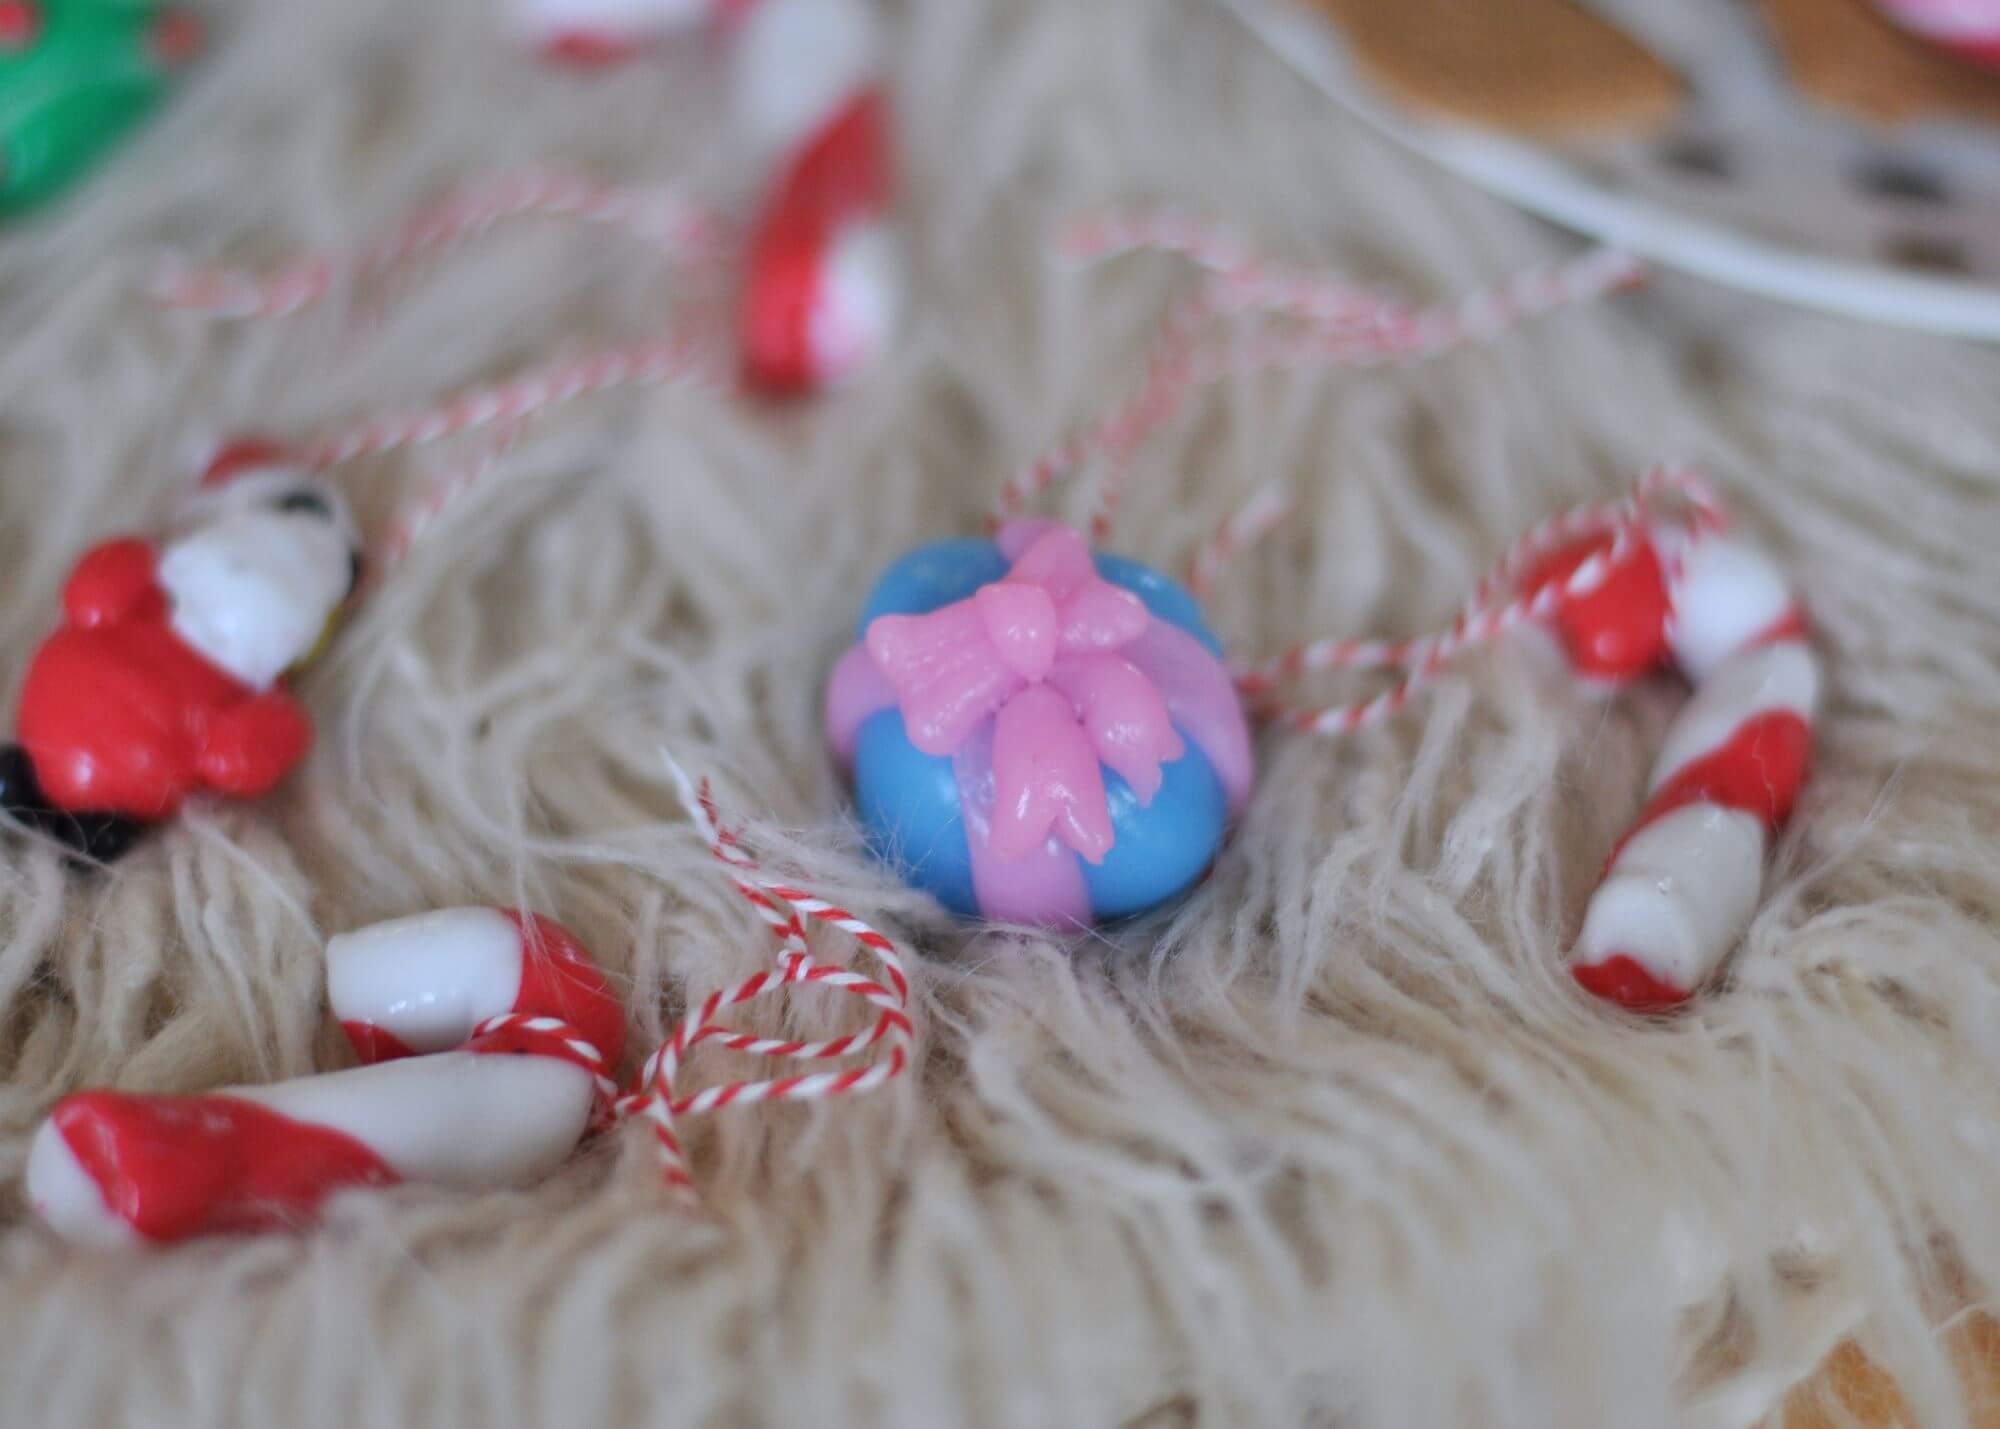 Weihnachtsschmuck aus Knete - so gelingt dir schöner Baumschmuck aus Silikonknete #weihnachten #diy #basteln #knete #baumschmuck #anhänger #kinder #backen #deko